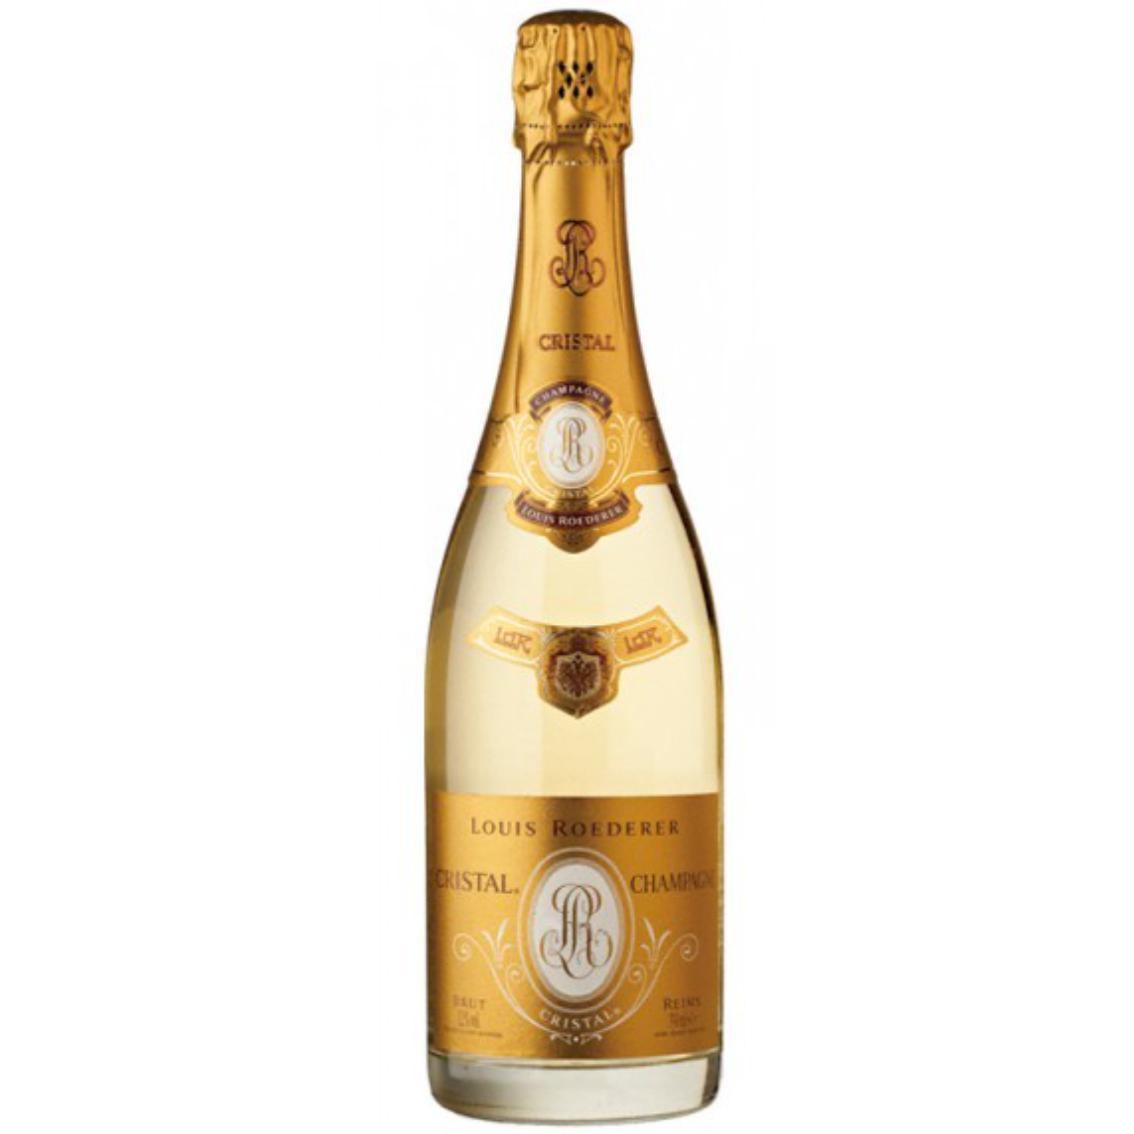 2013 Cristal - Champagne